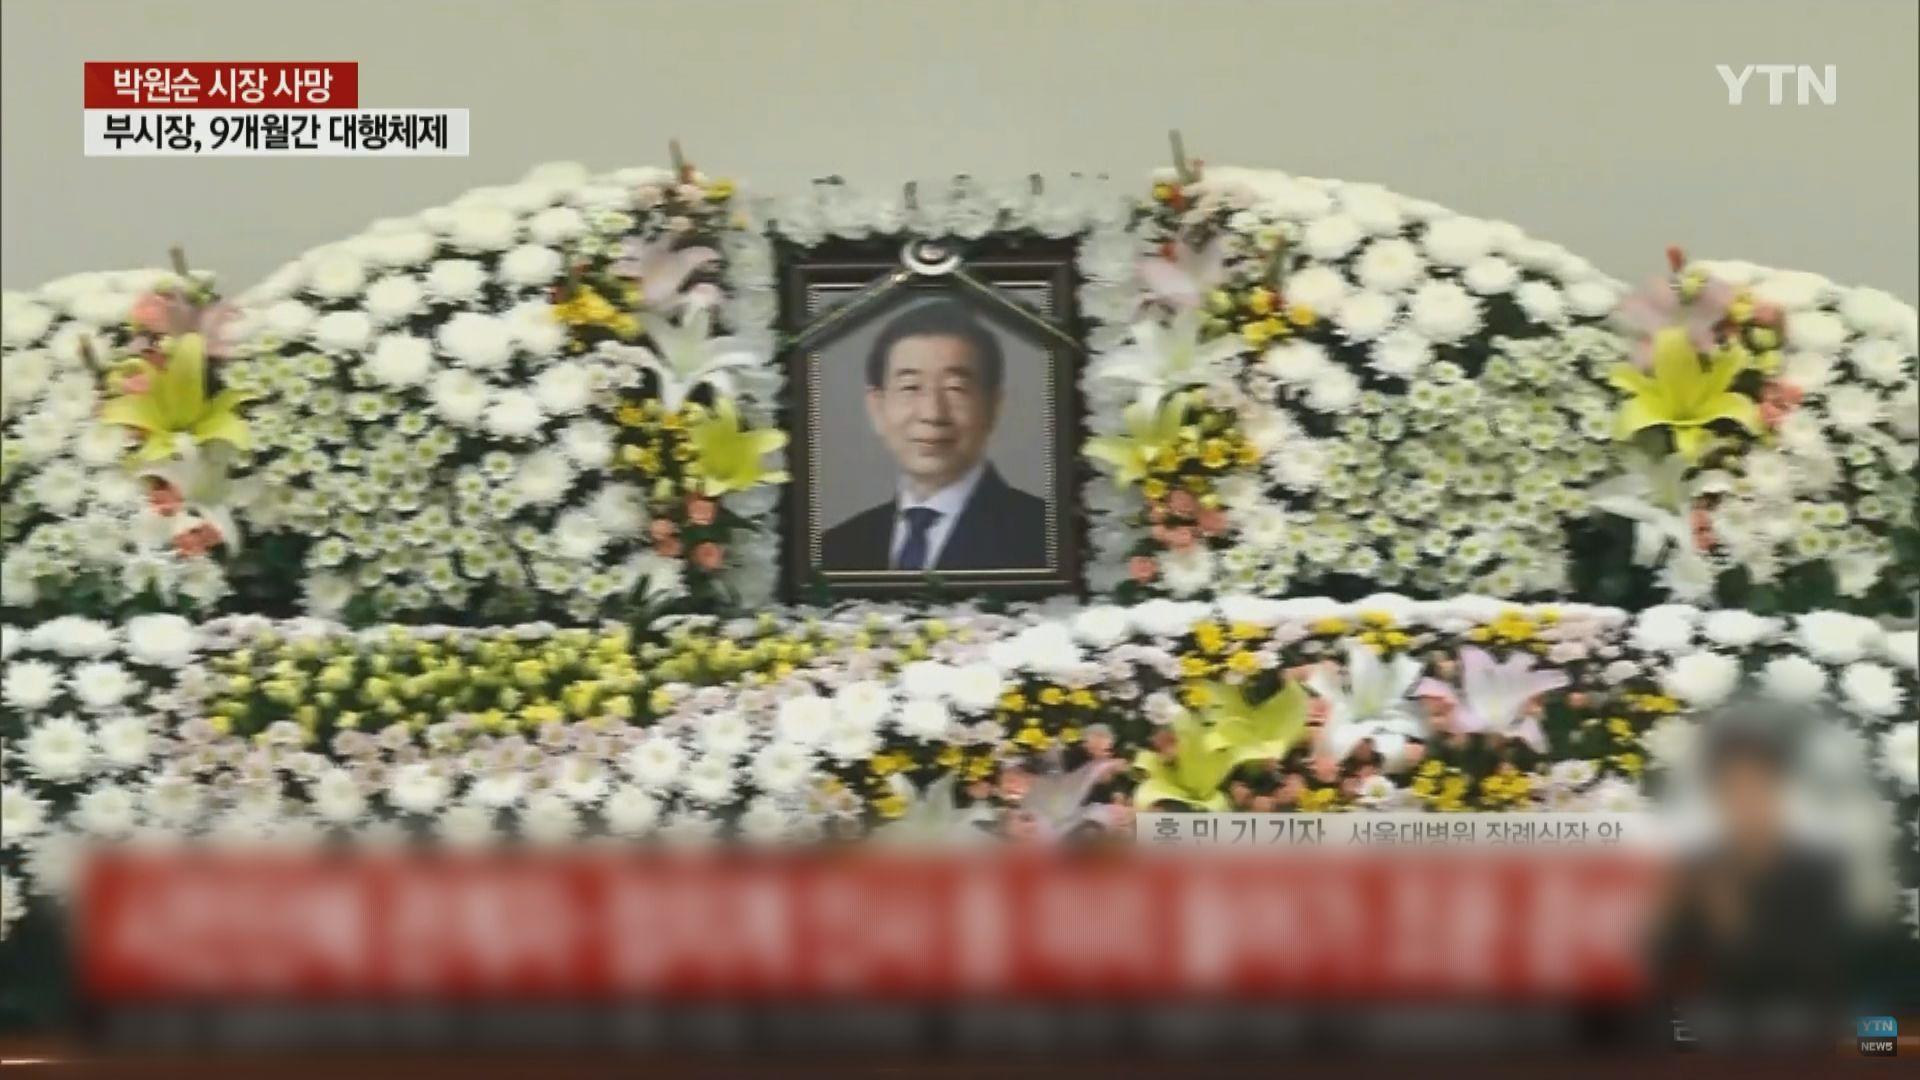 首爾市長朴元淳遺體被發現 市政府將為他舉行特別市葬